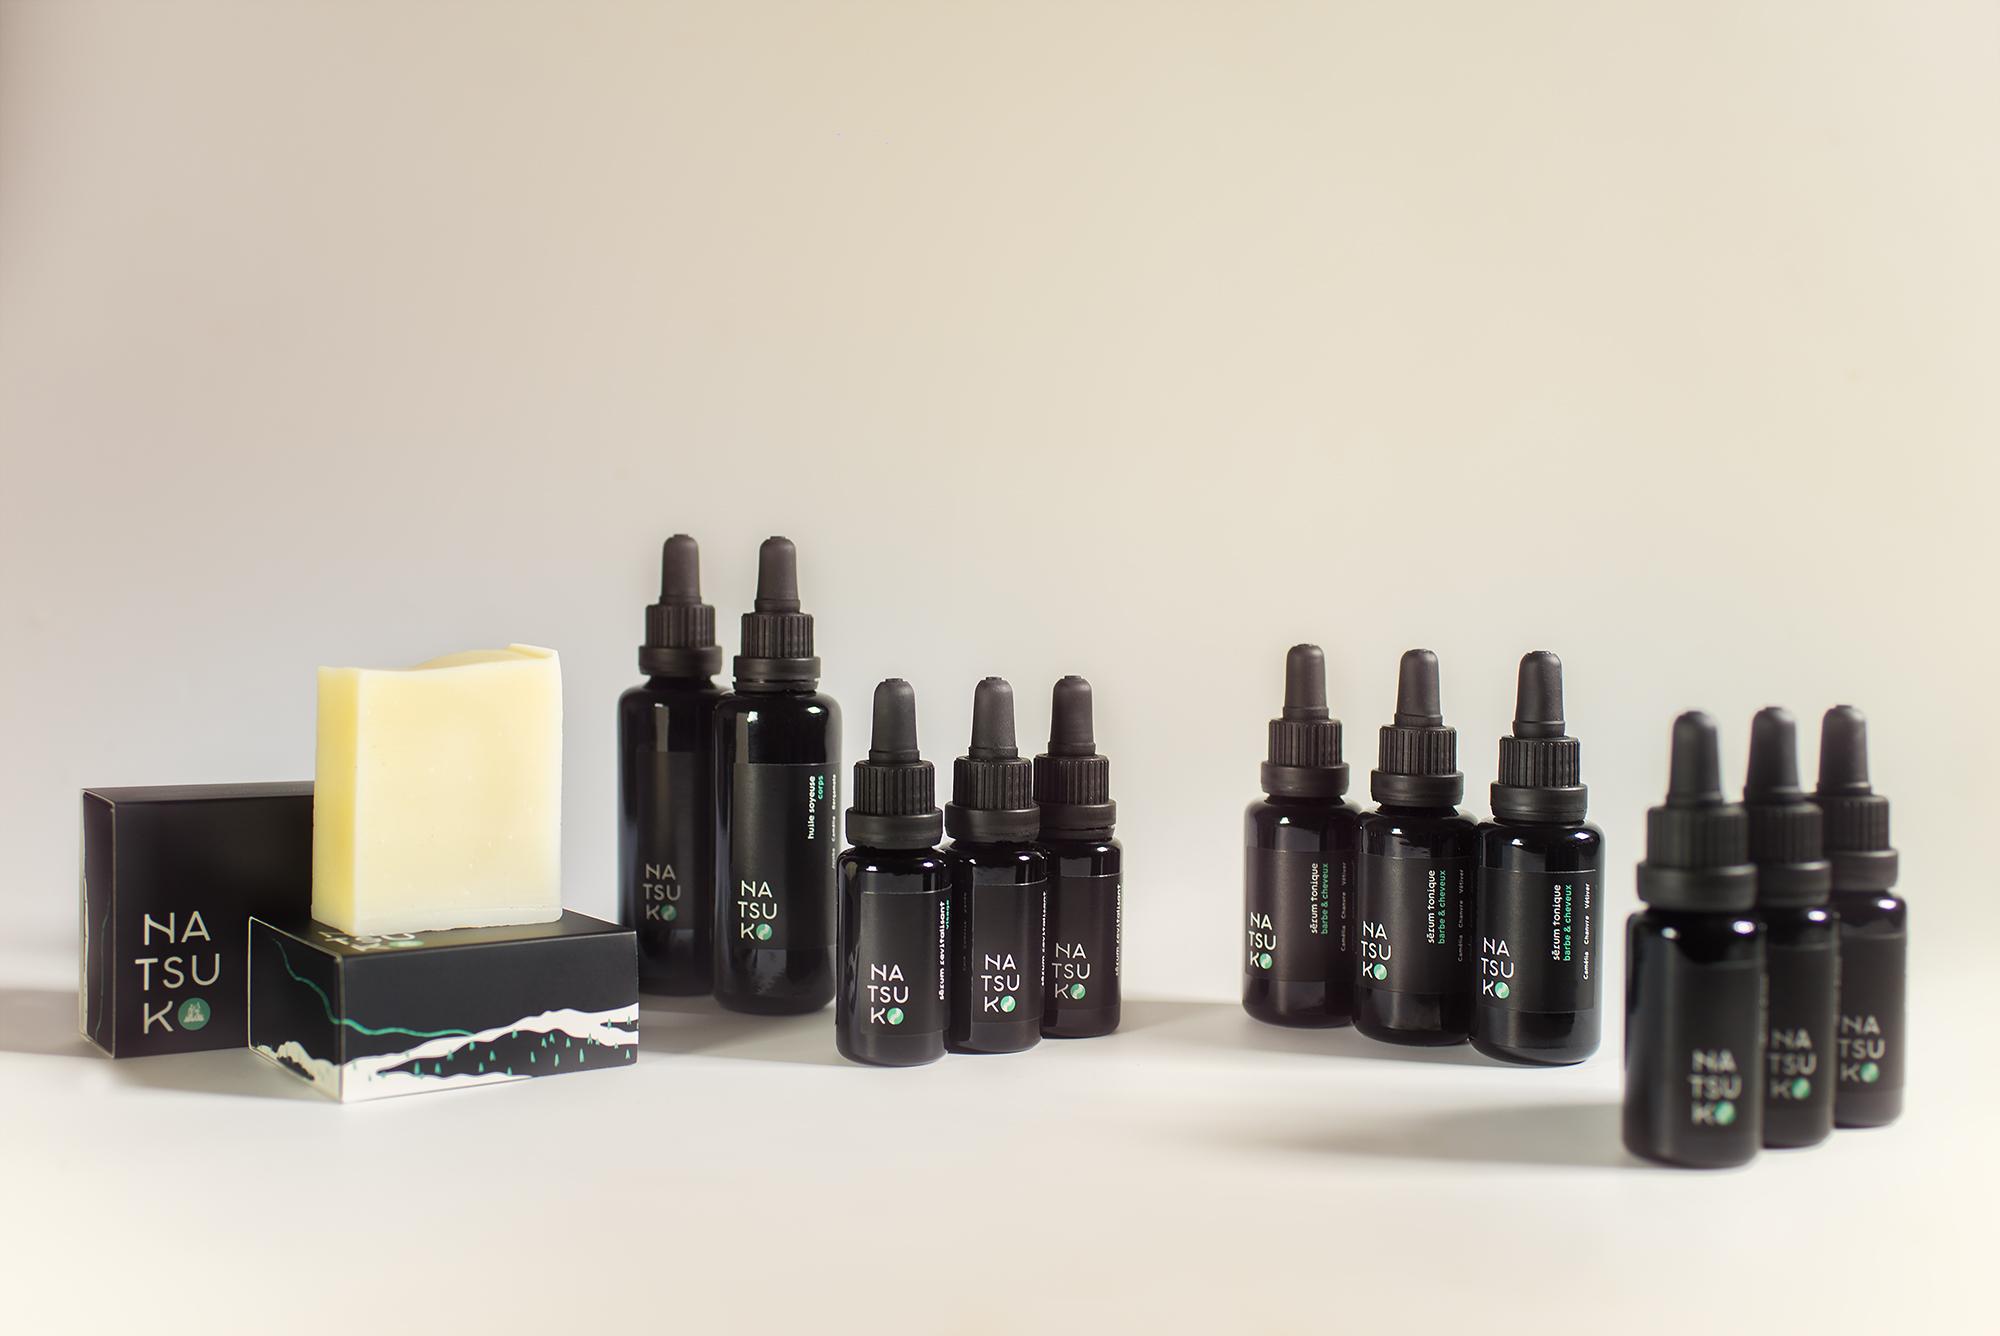 photo des produits natsuko sur un fond blanc uni